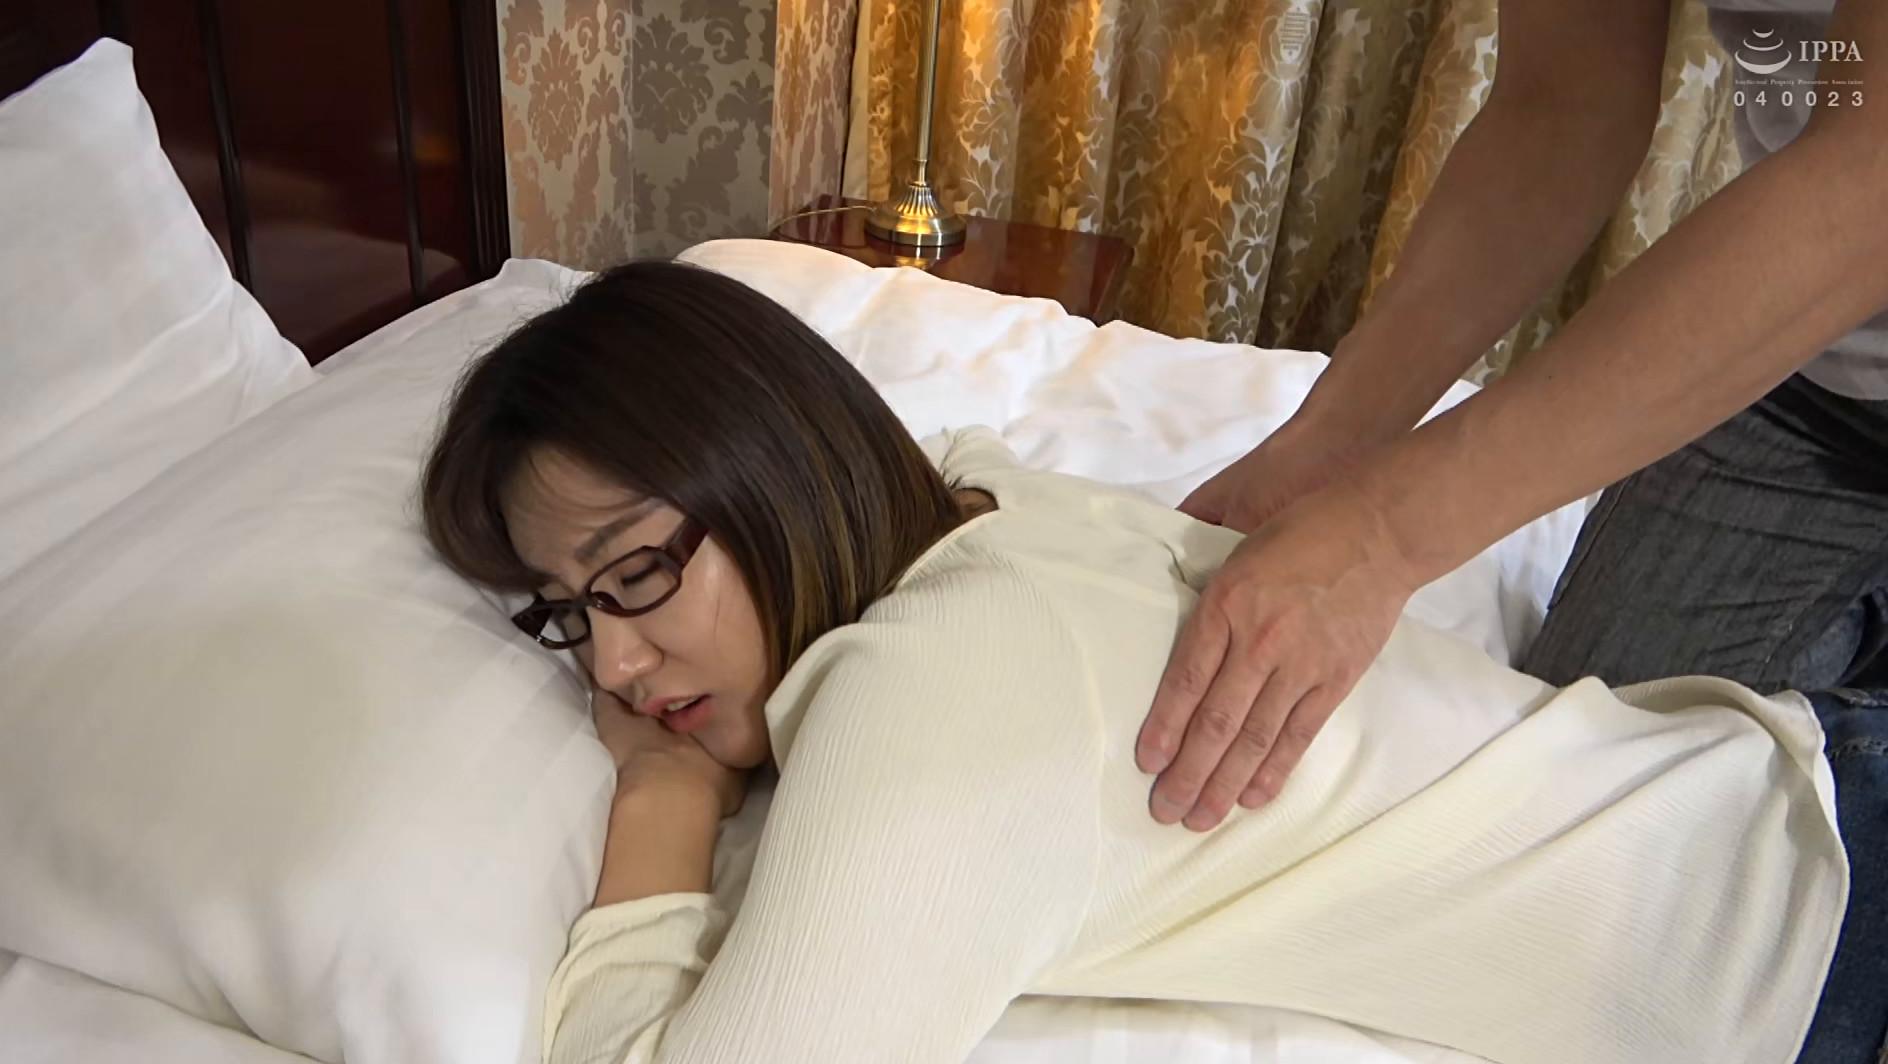 韓国で見つけた彼女。不思議系で地味な彼女は、執拗な責めと羞恥プレイでアクメ顔を晒しながらチ●ポをしゃぶる!アイドル級のビジュアルとスタイル抜群のカラダをハメ倒す! アラン&ヨルン 画像2